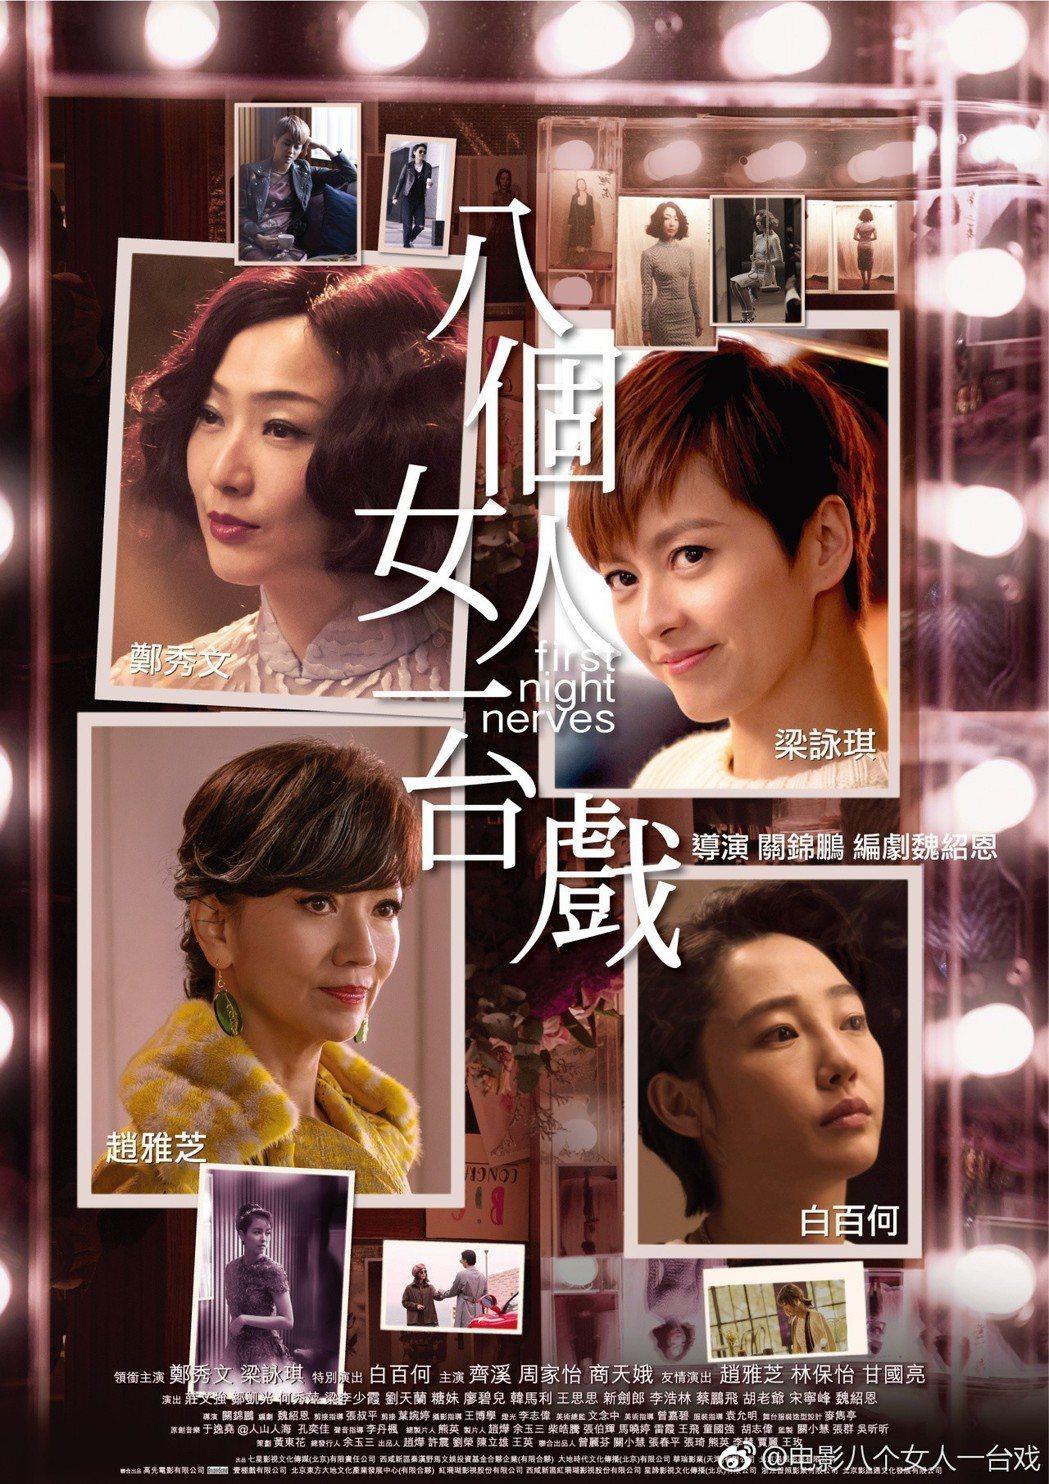 「八個女人一台戲」網羅多位大牌女星,備受各界期待。圖/摘自微博